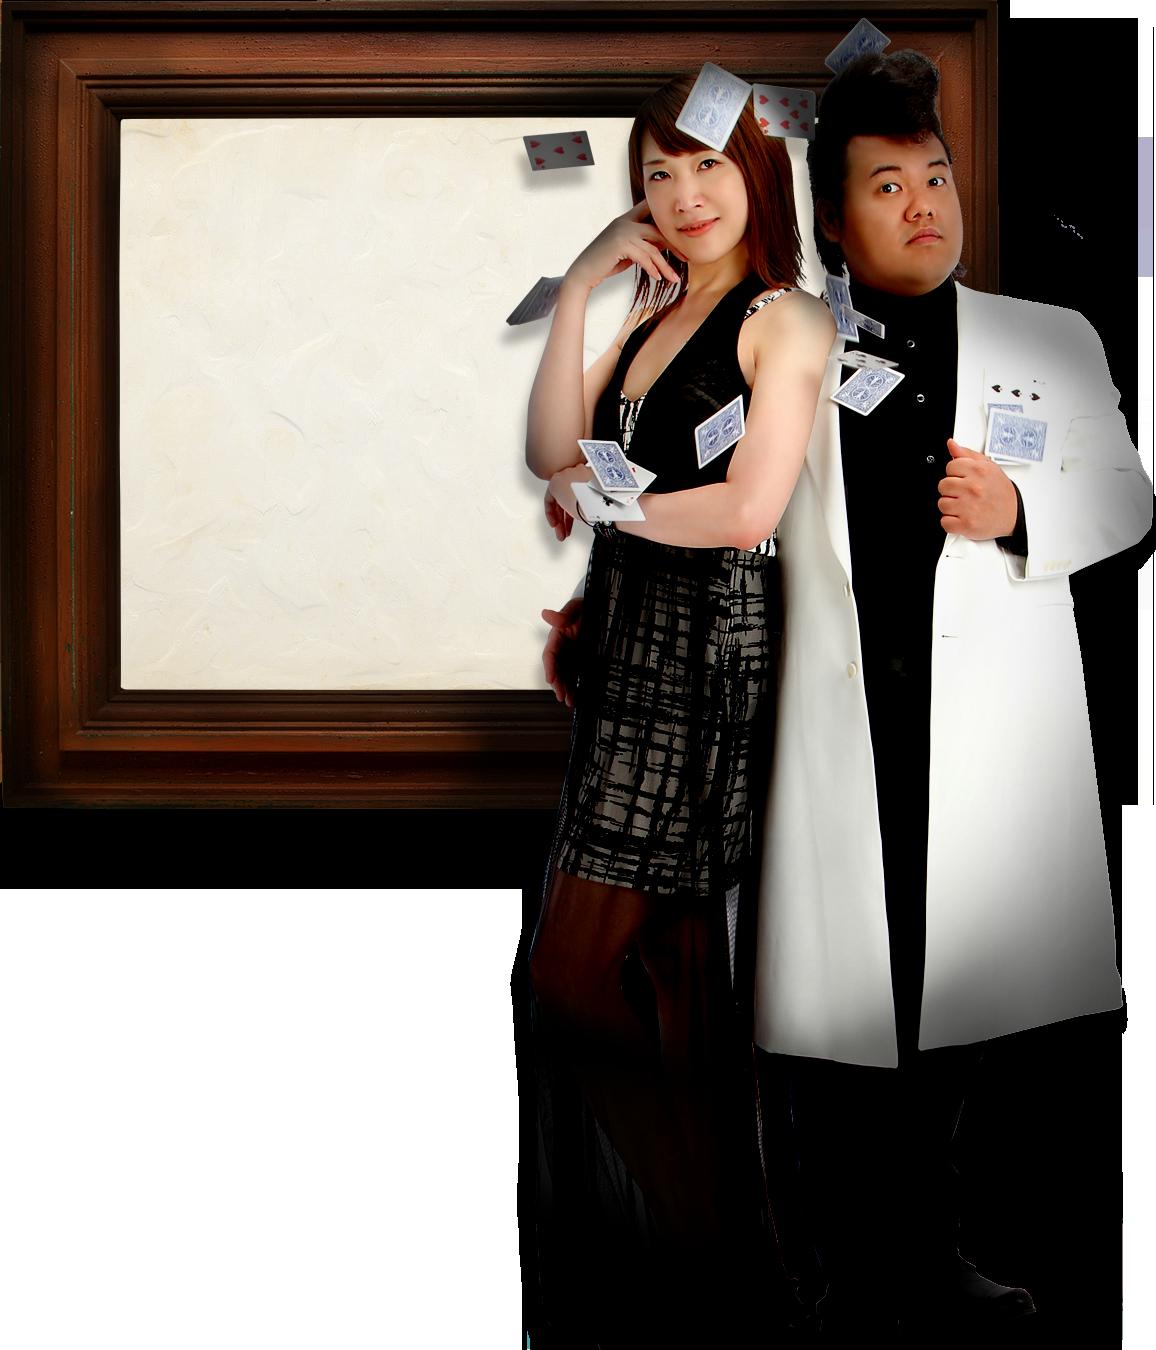 Tensho&Yua